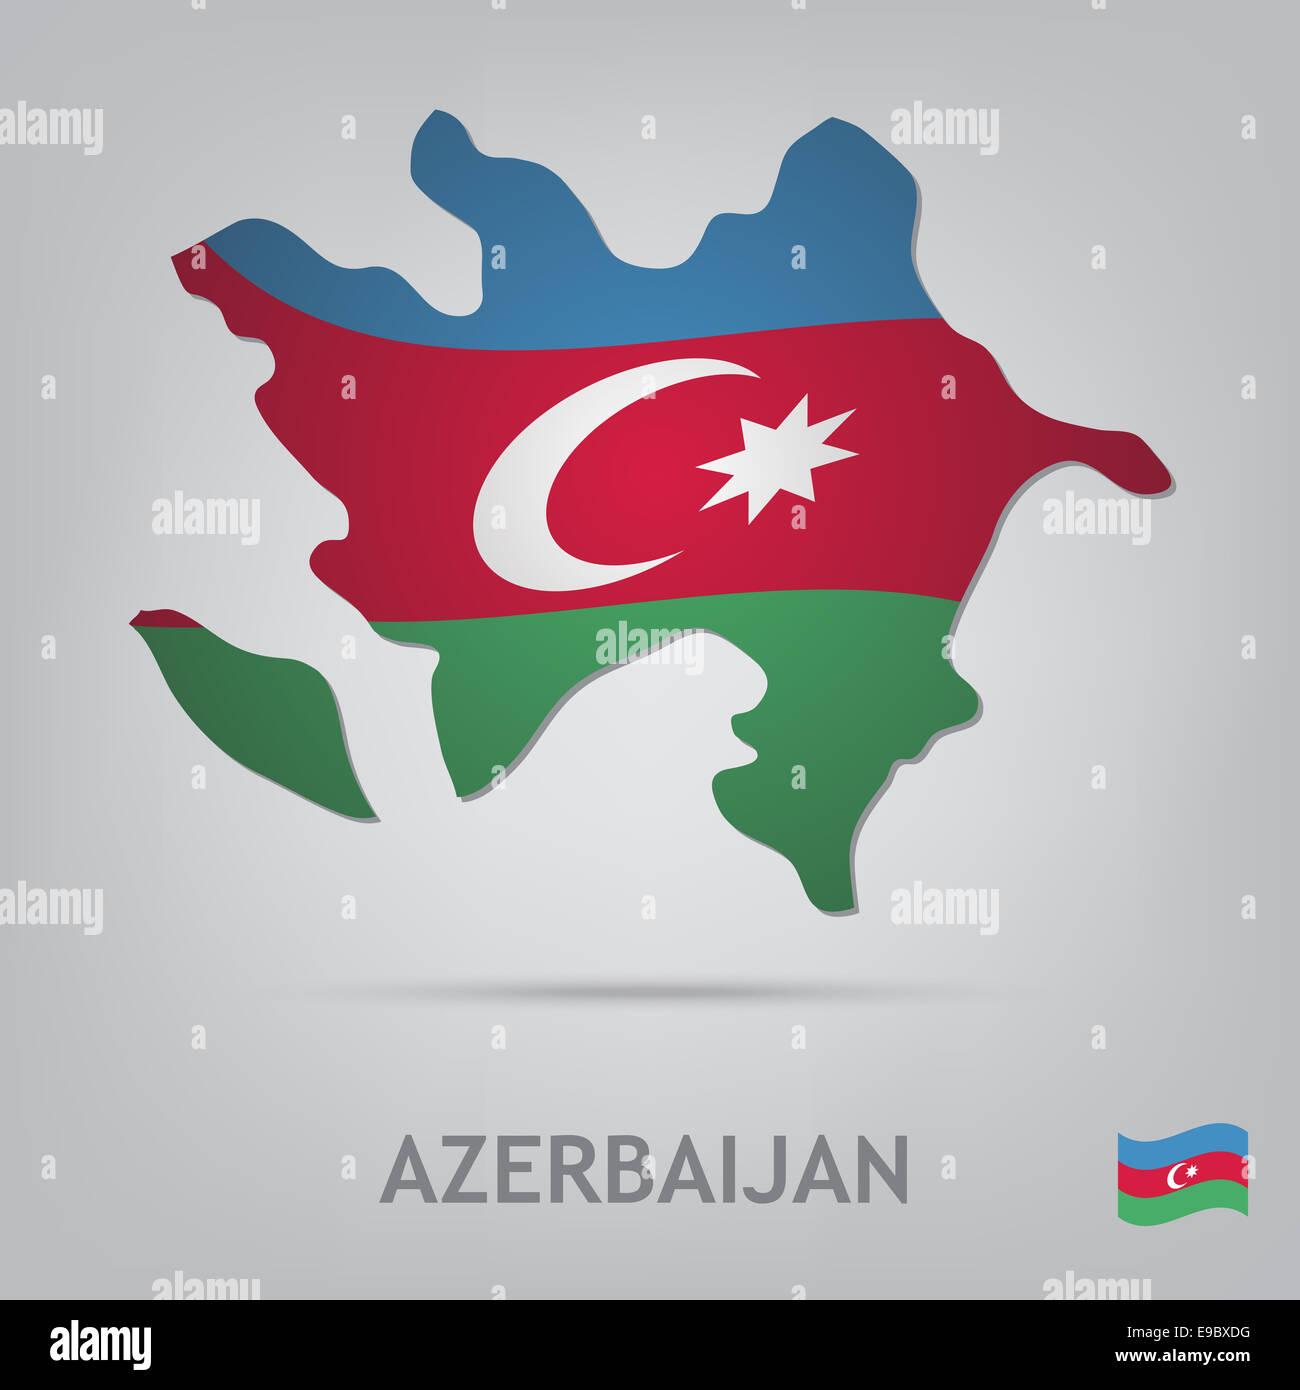 azerbaijan - Stock Image